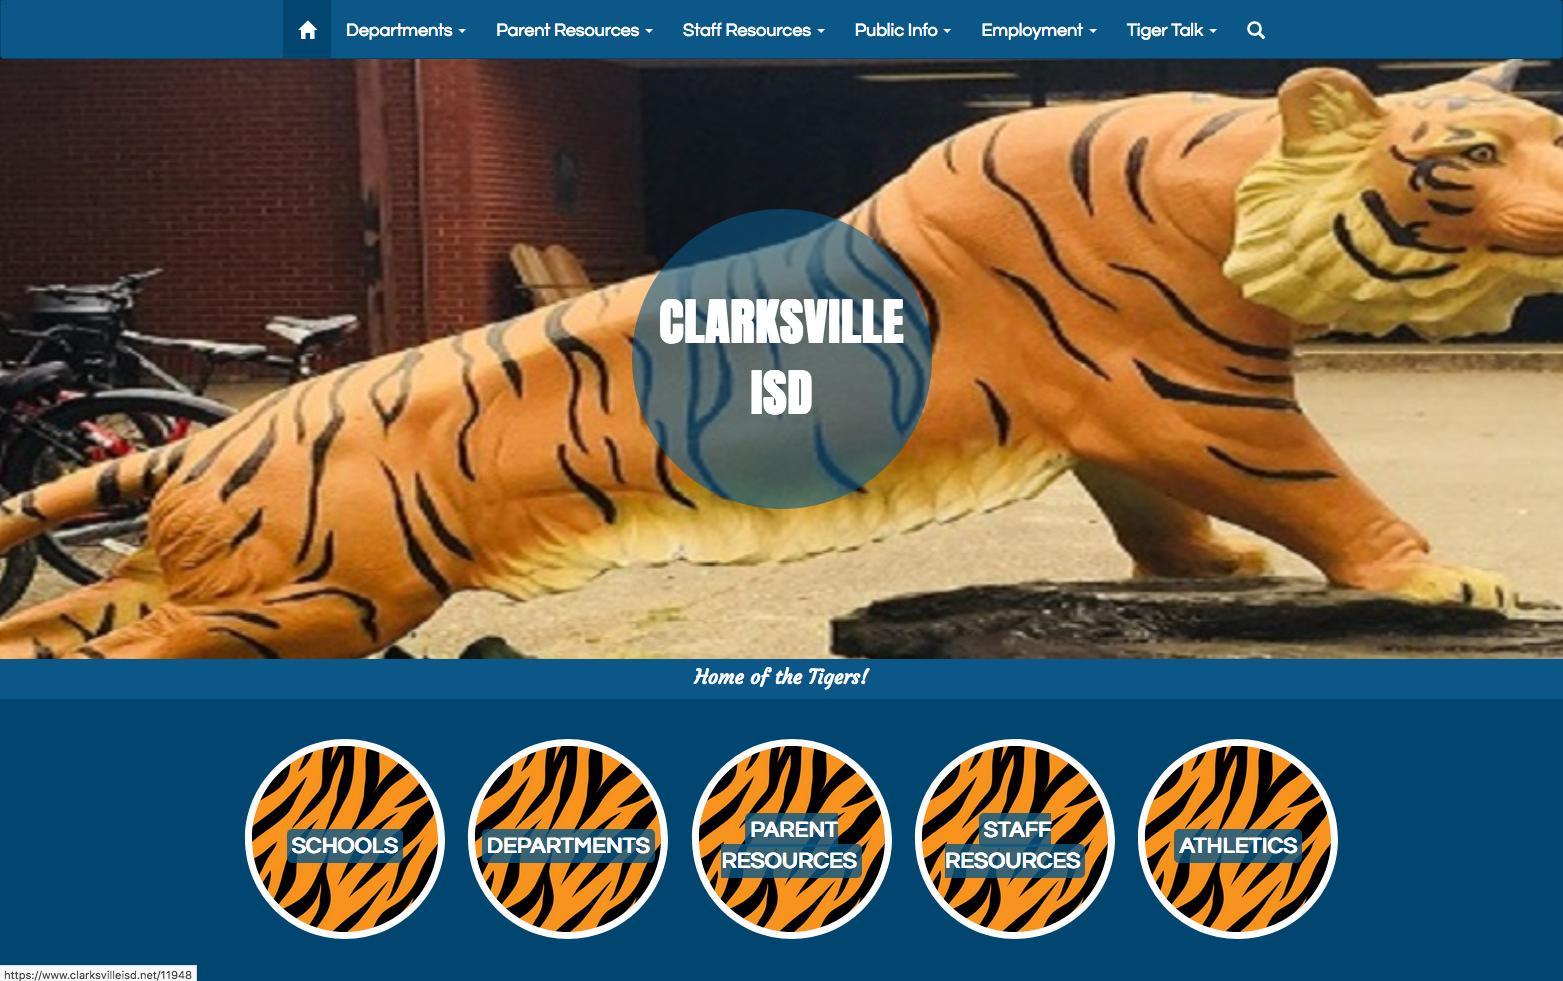 Clarksville ISD